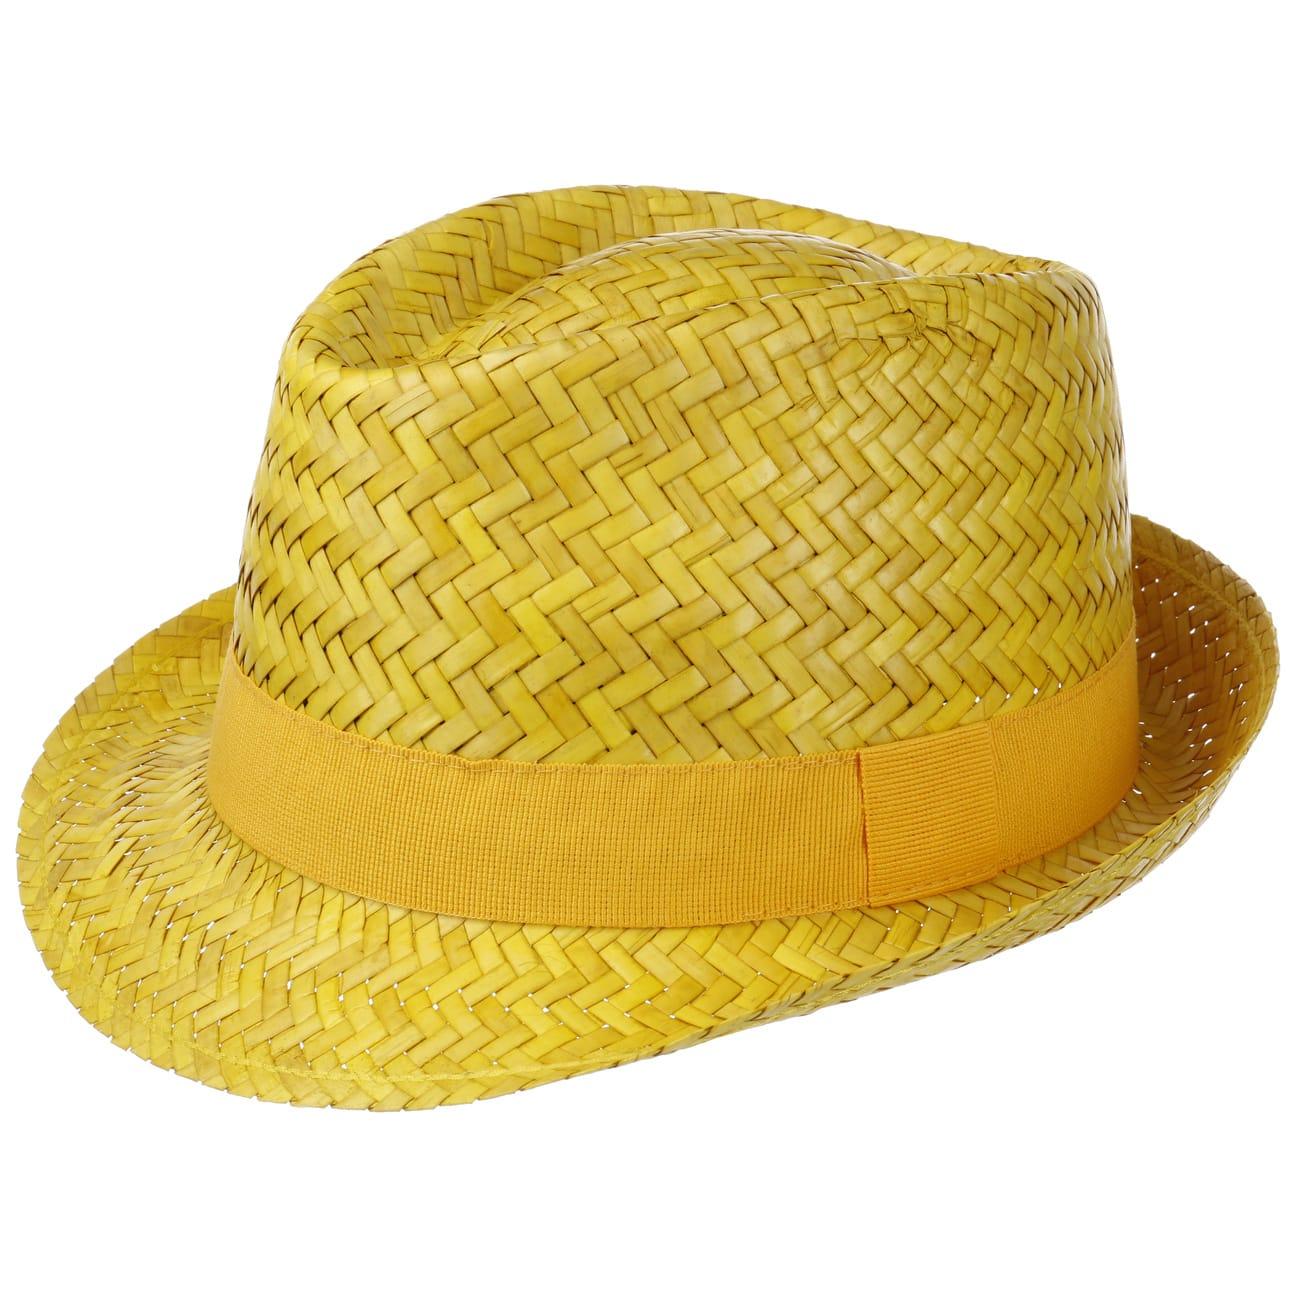 Sombrero de Paja Valencia Trilby - Sombreros - sombreroshop.es fd05724c1535